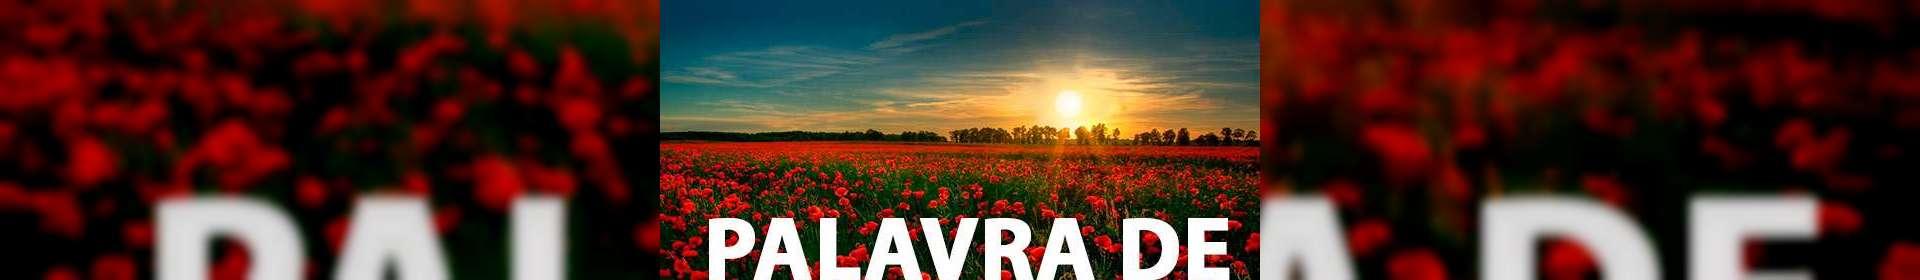 Salmos 68:13 - Uma Palavra de Esperança para sua vida